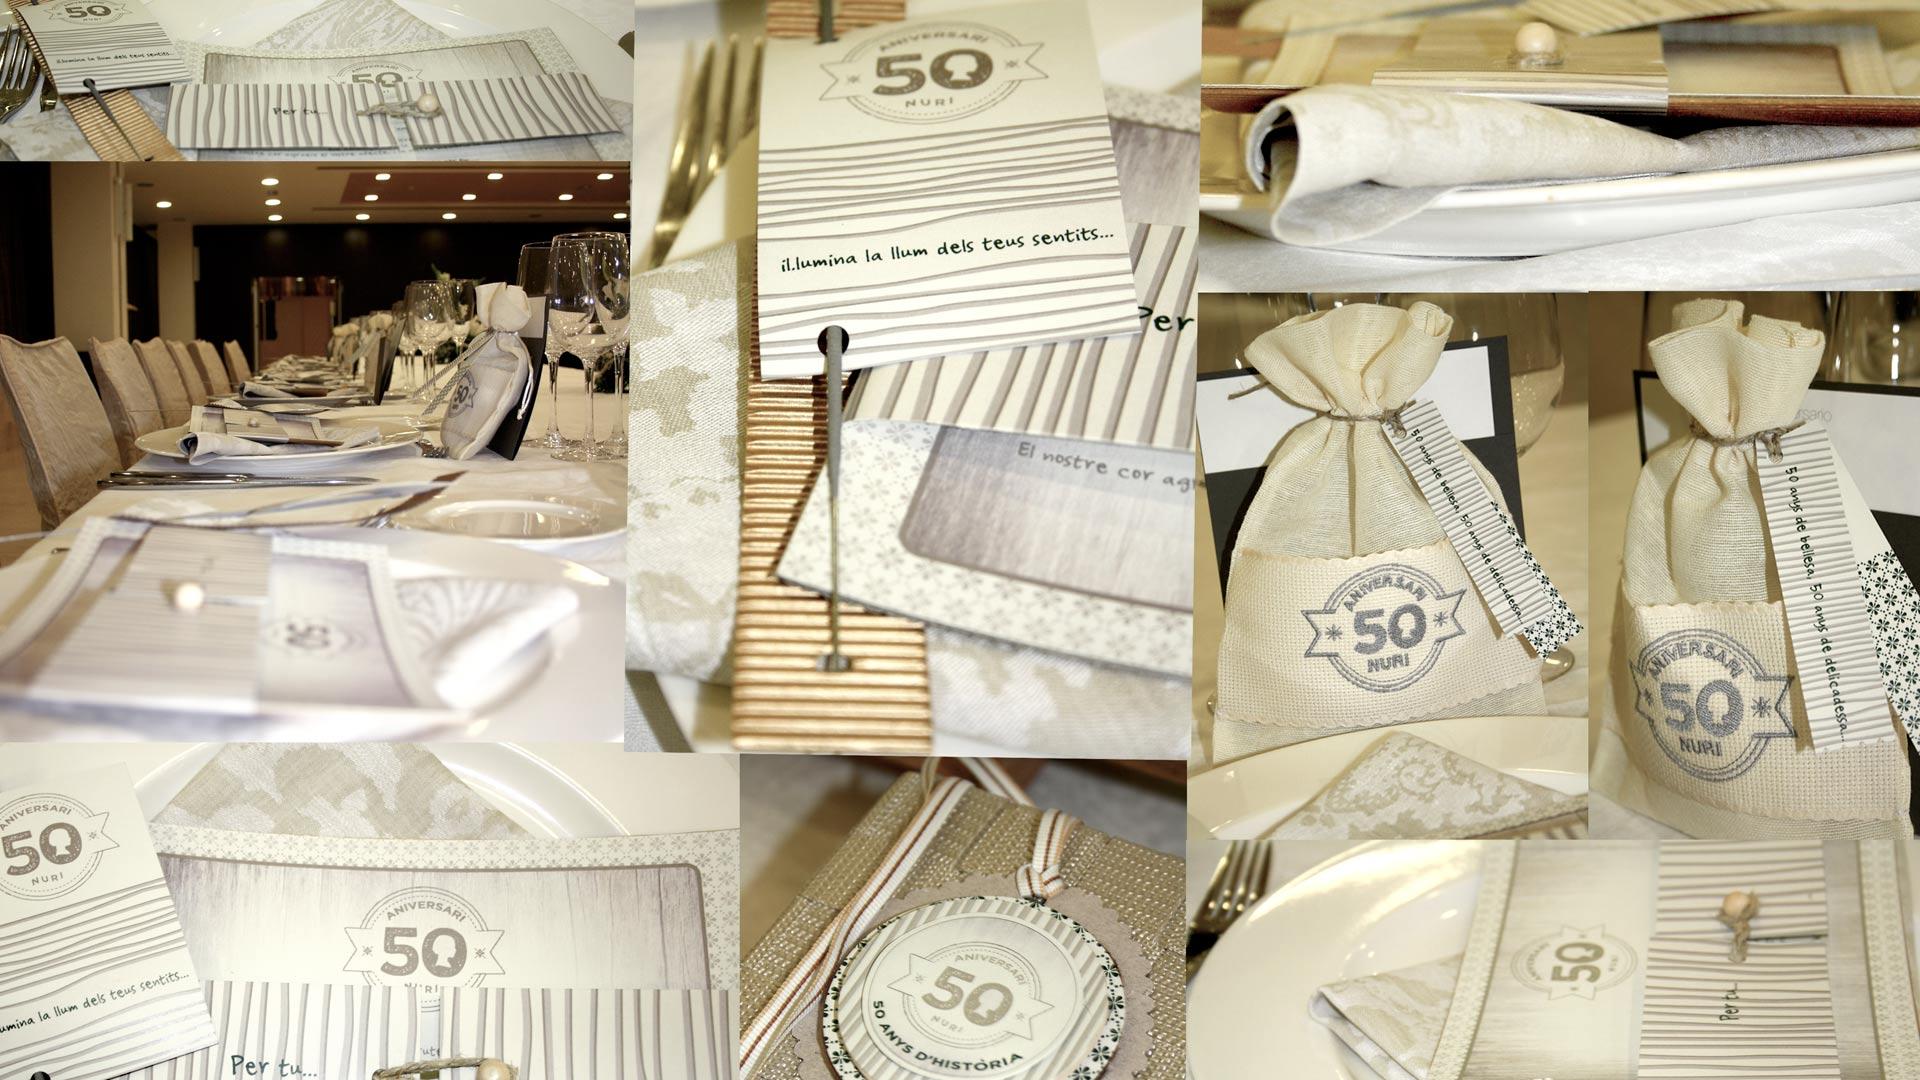 decoraci n fiesta aniversario 50 aniversariocultura de